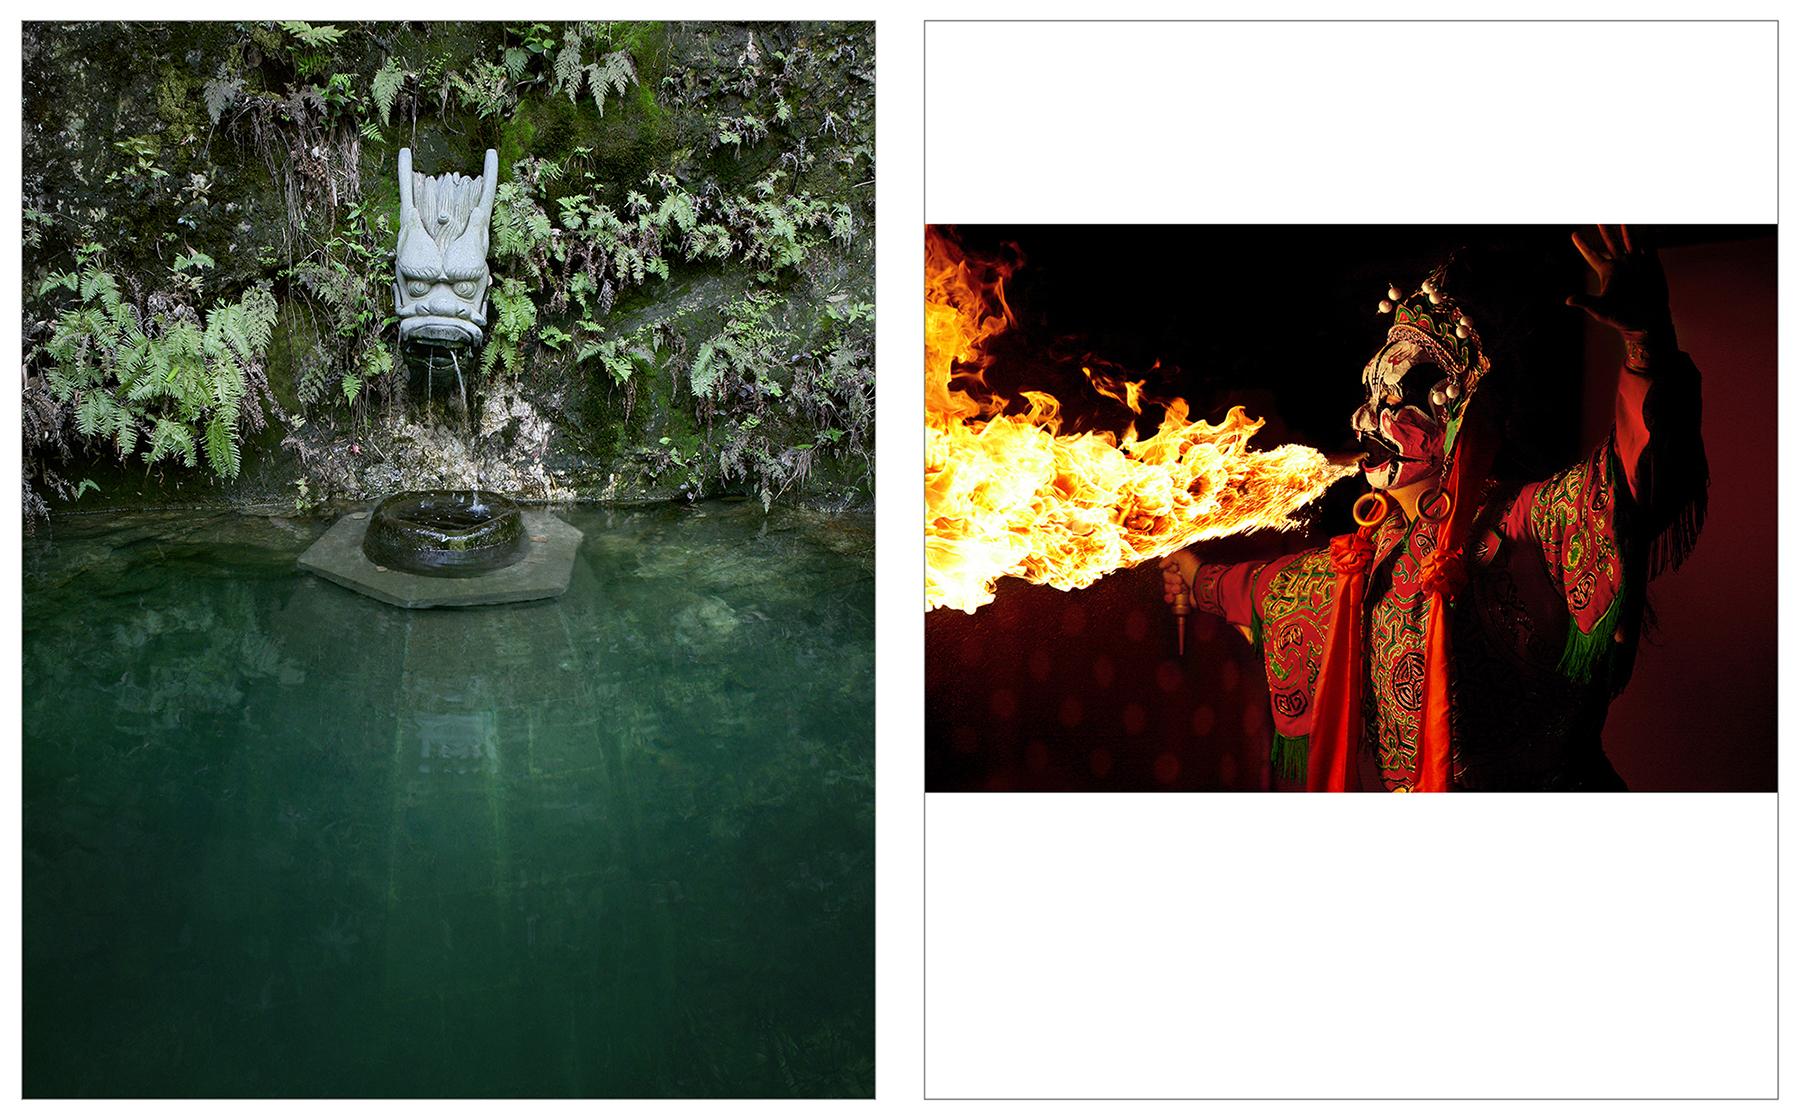 Old Dragon Well - Hangzhou, Zhejiang Province    info  •  Sichuan Opera - Chengdu, Sichuan Province  info